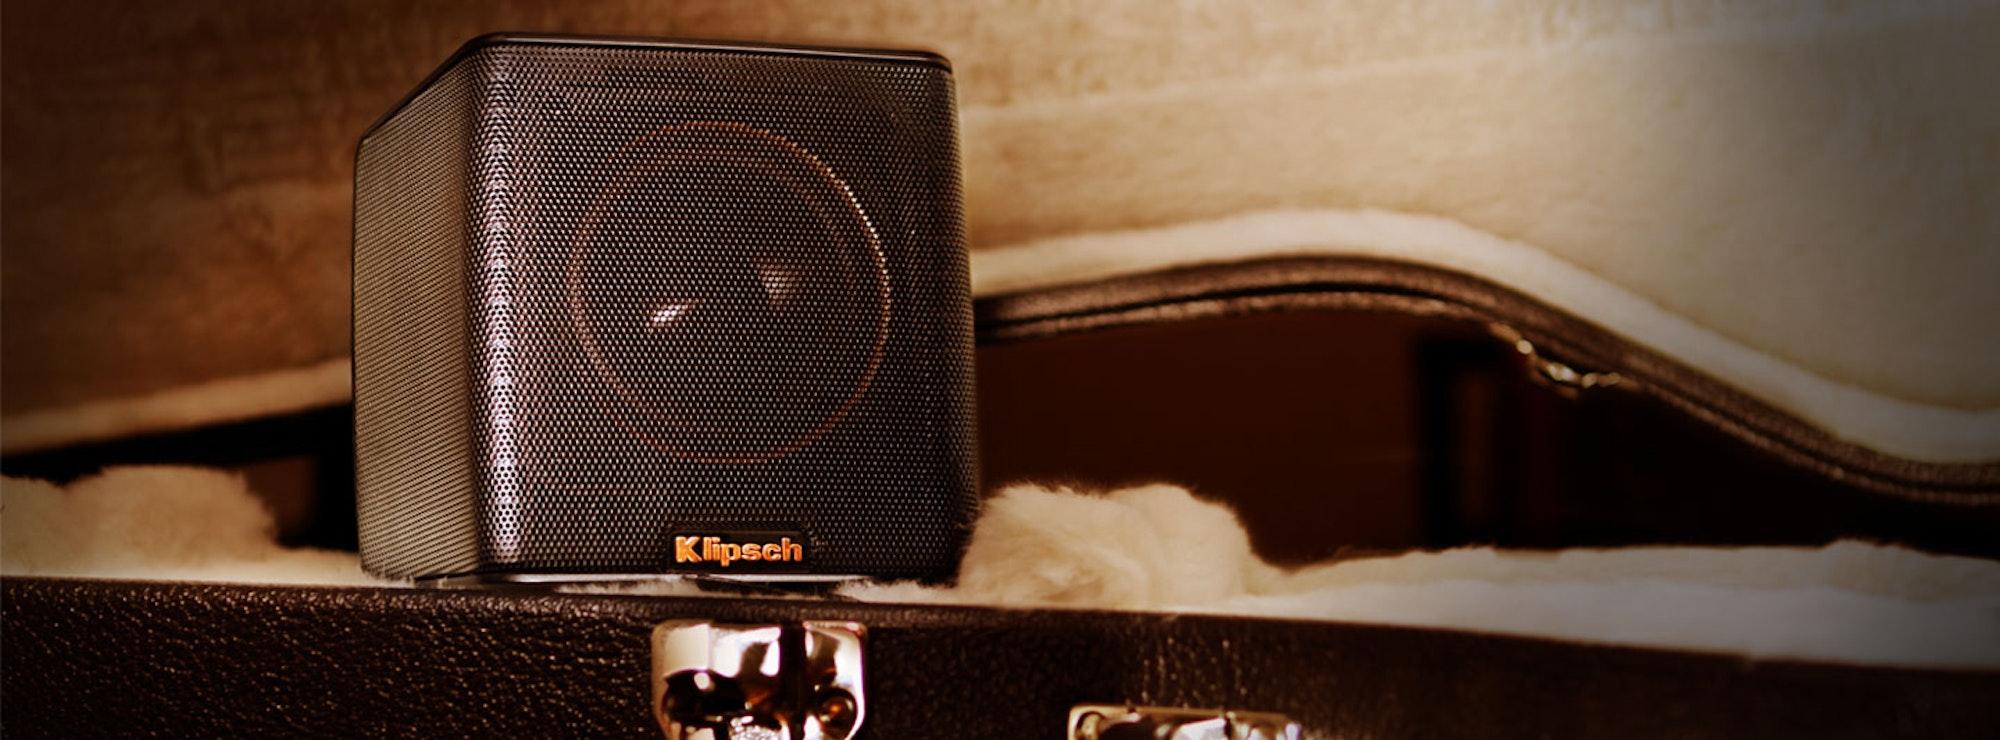 Klipsch Groove in a guitar case